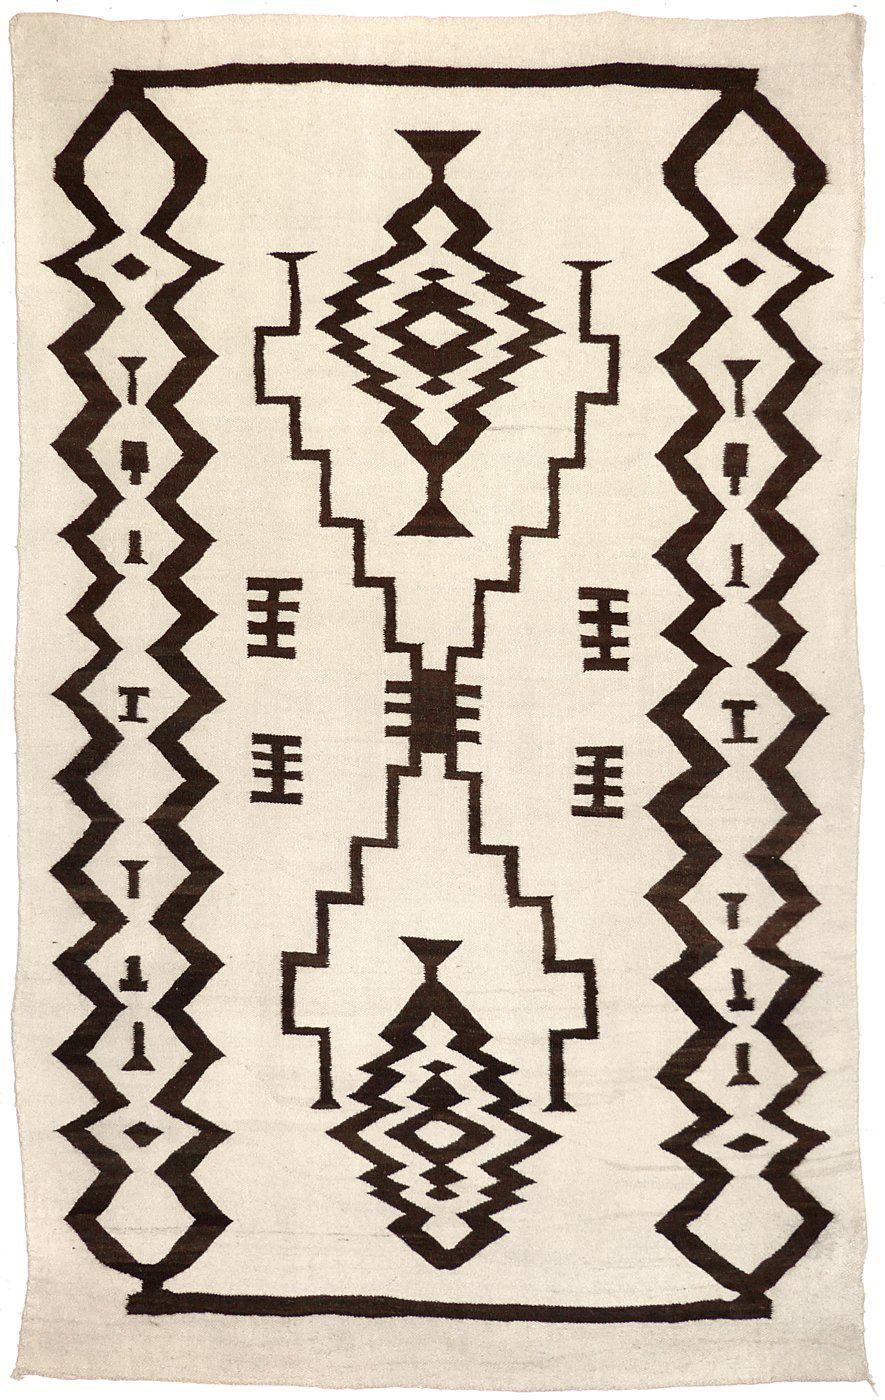 shiprock santa fe navajo natural transitional with storm pattern motif